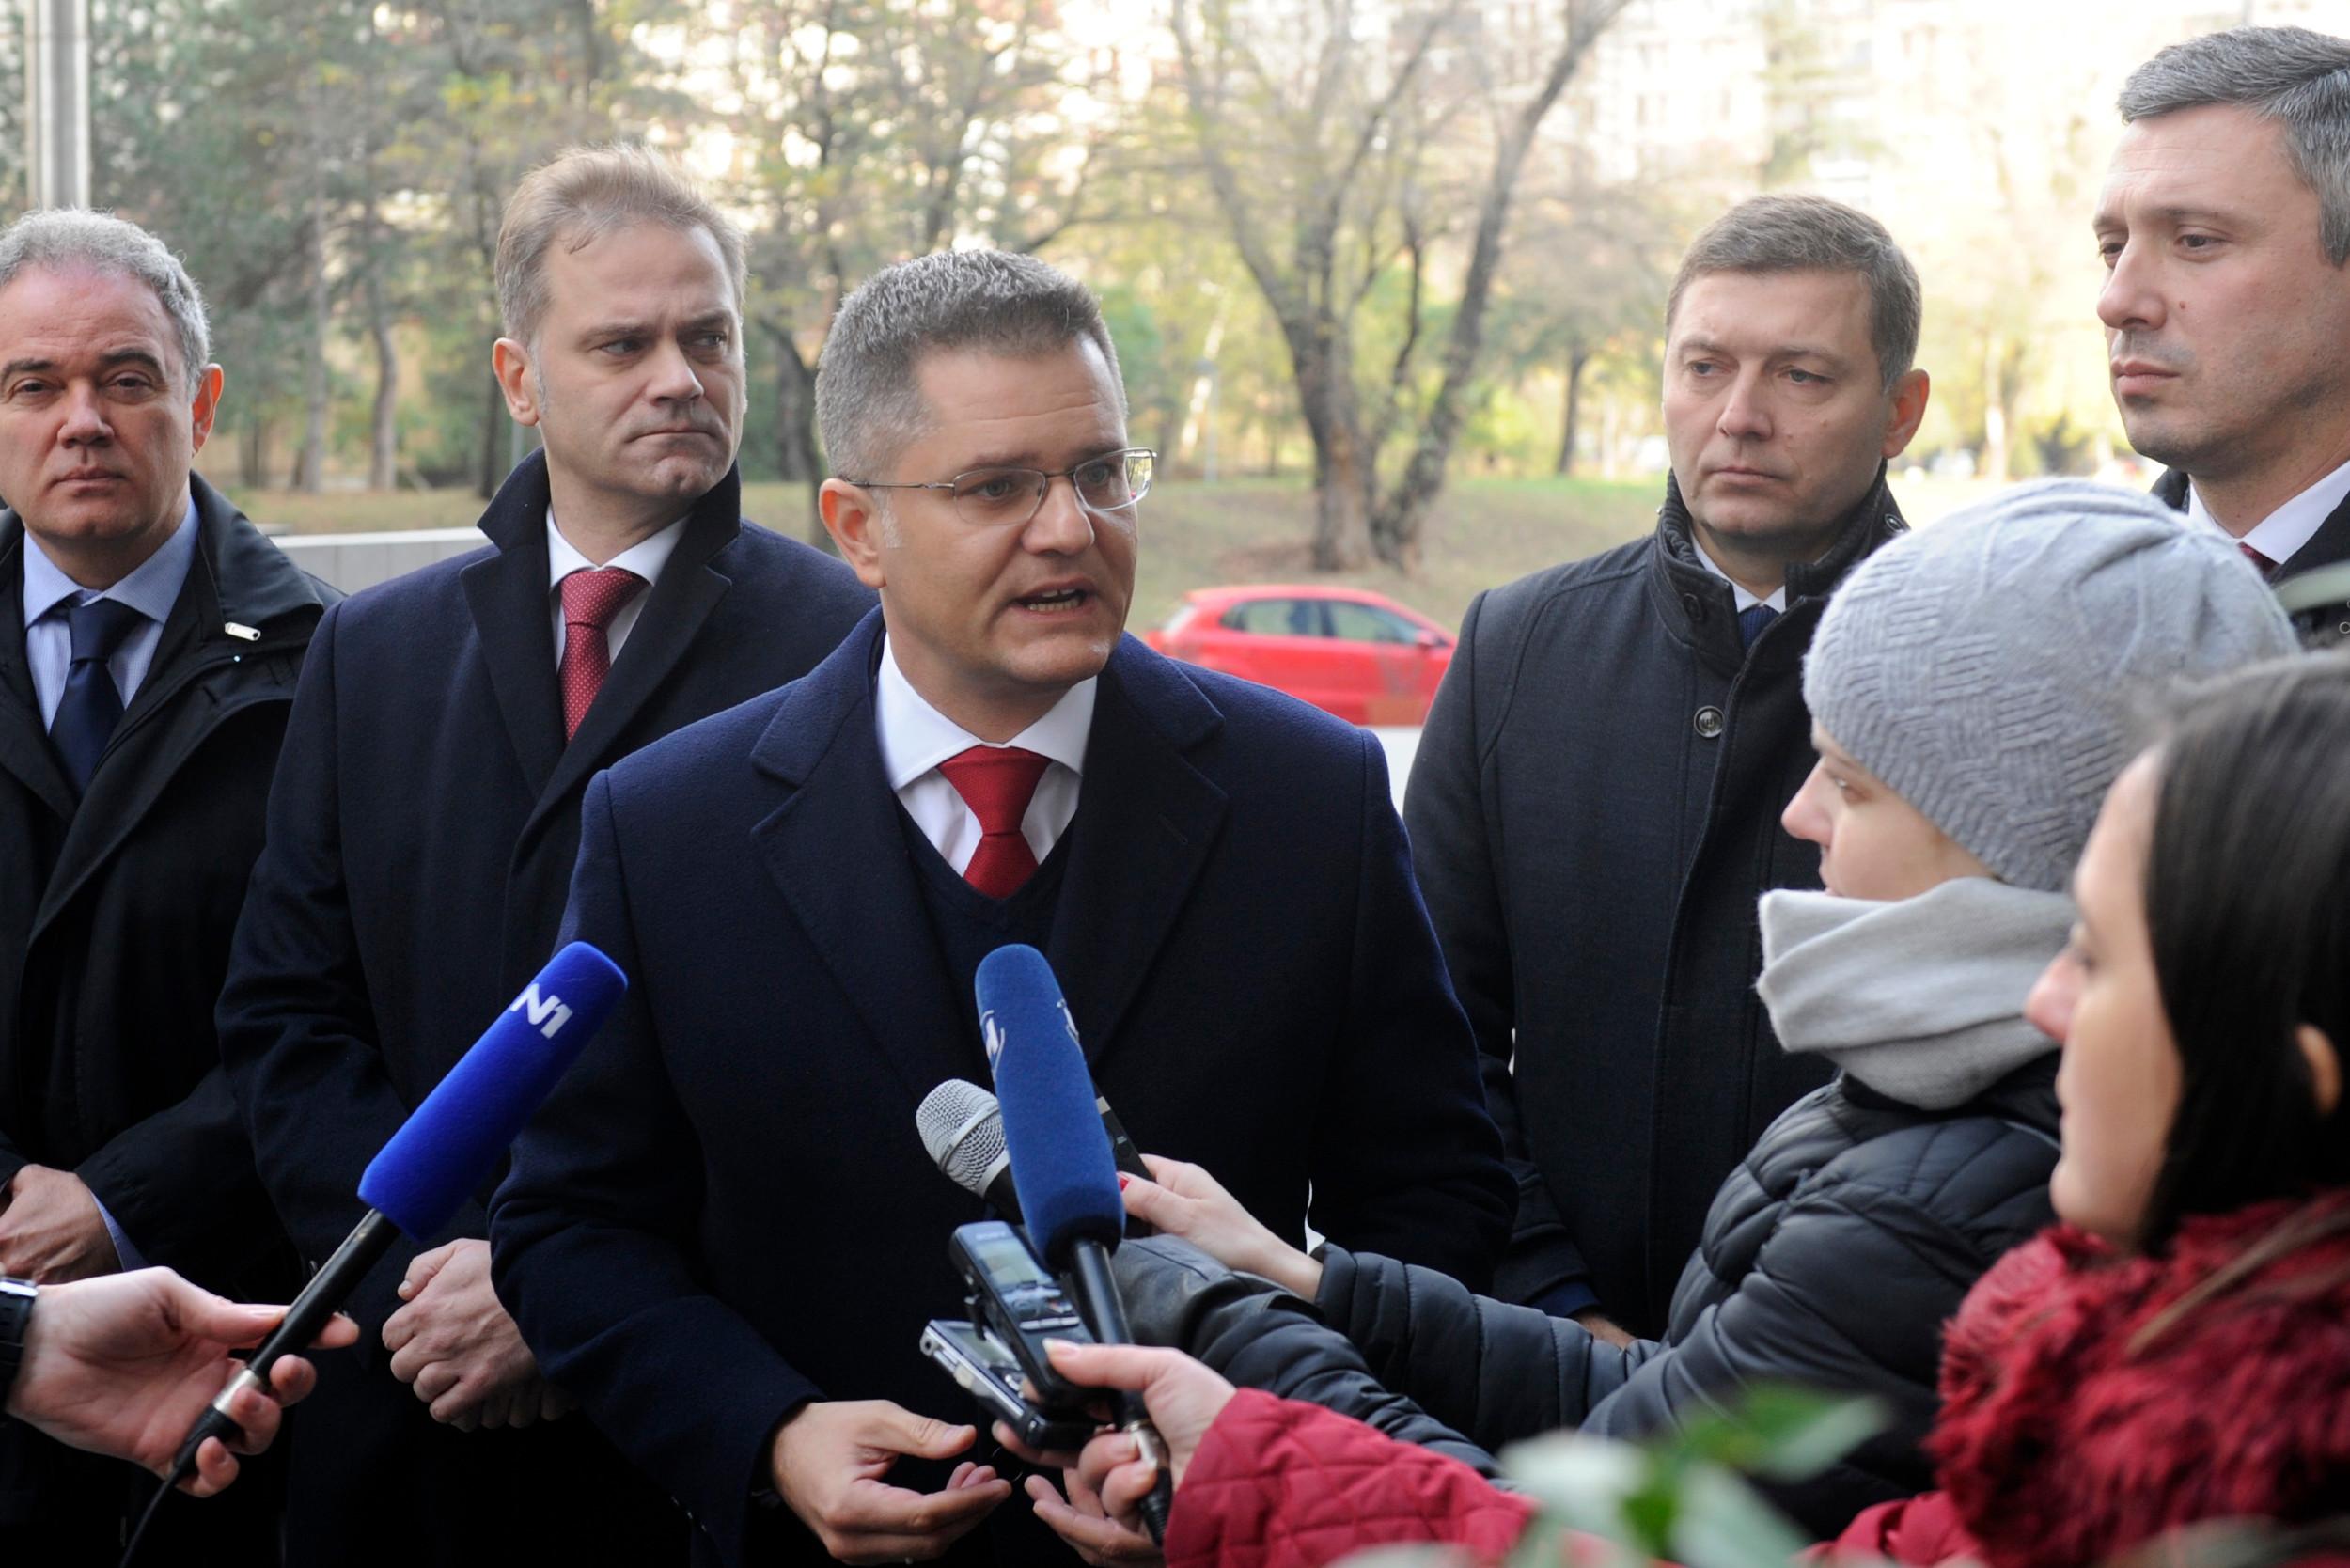 Представници Савеза за Србију дају изјаву за медије након састанка са делегацијом Европског парламента, Београ, 03. децембар 2019. (Фото: Танјуг/Тања Валић)